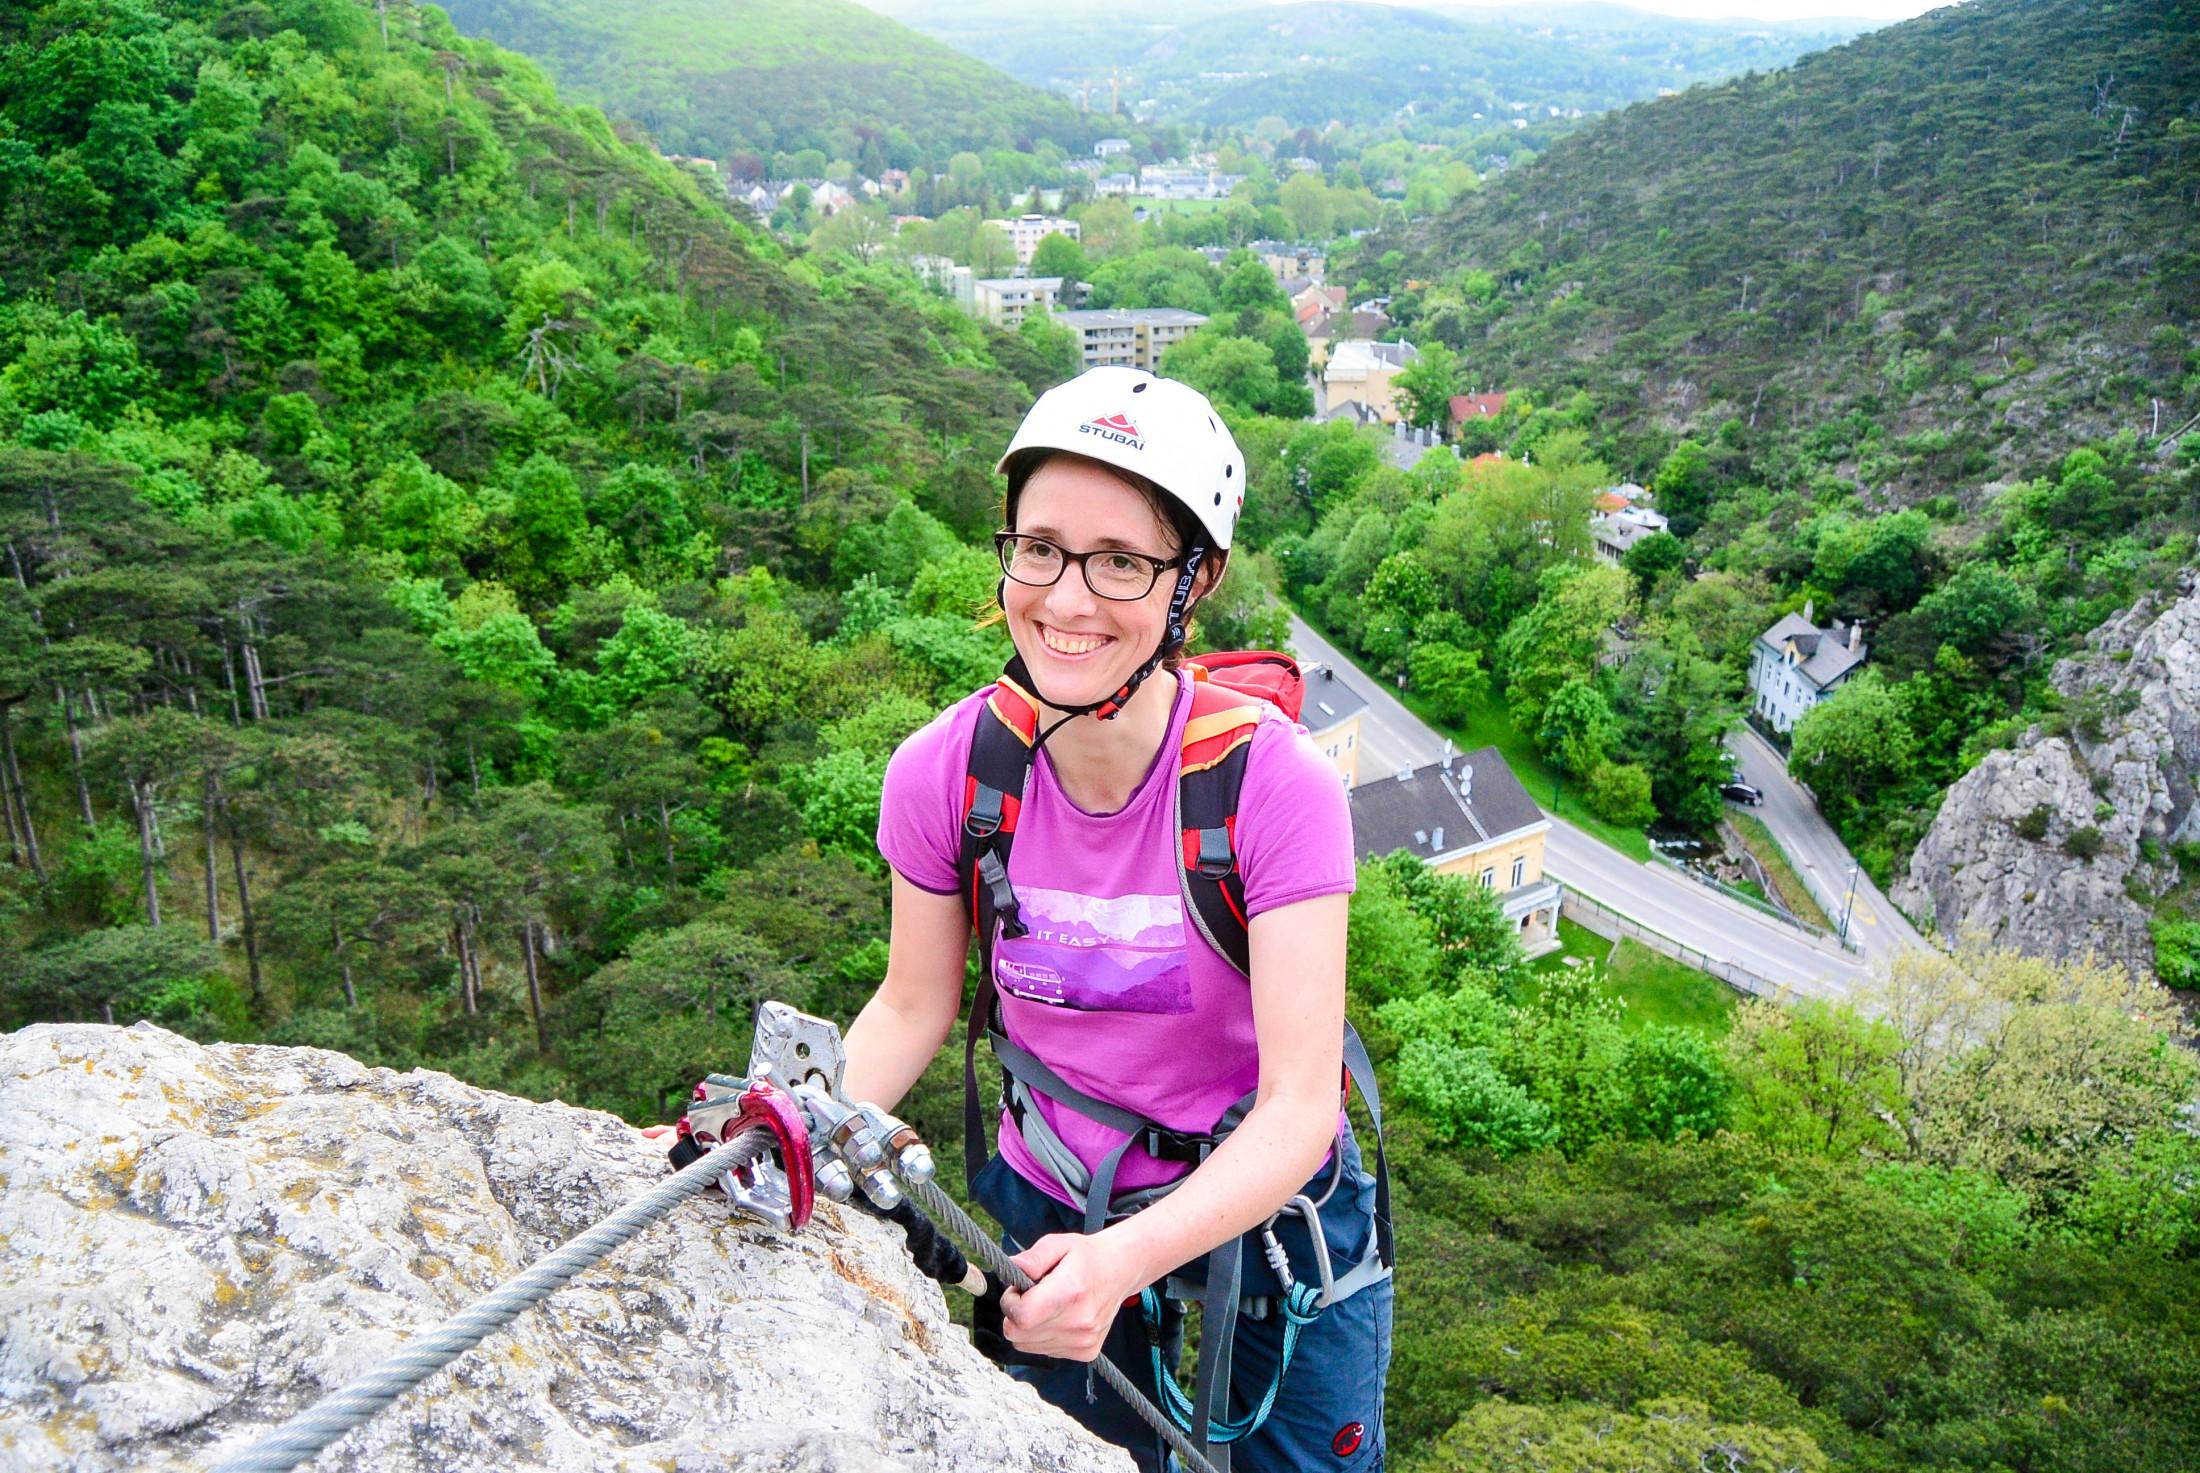 Klettersteig - Test und Schnuppertag